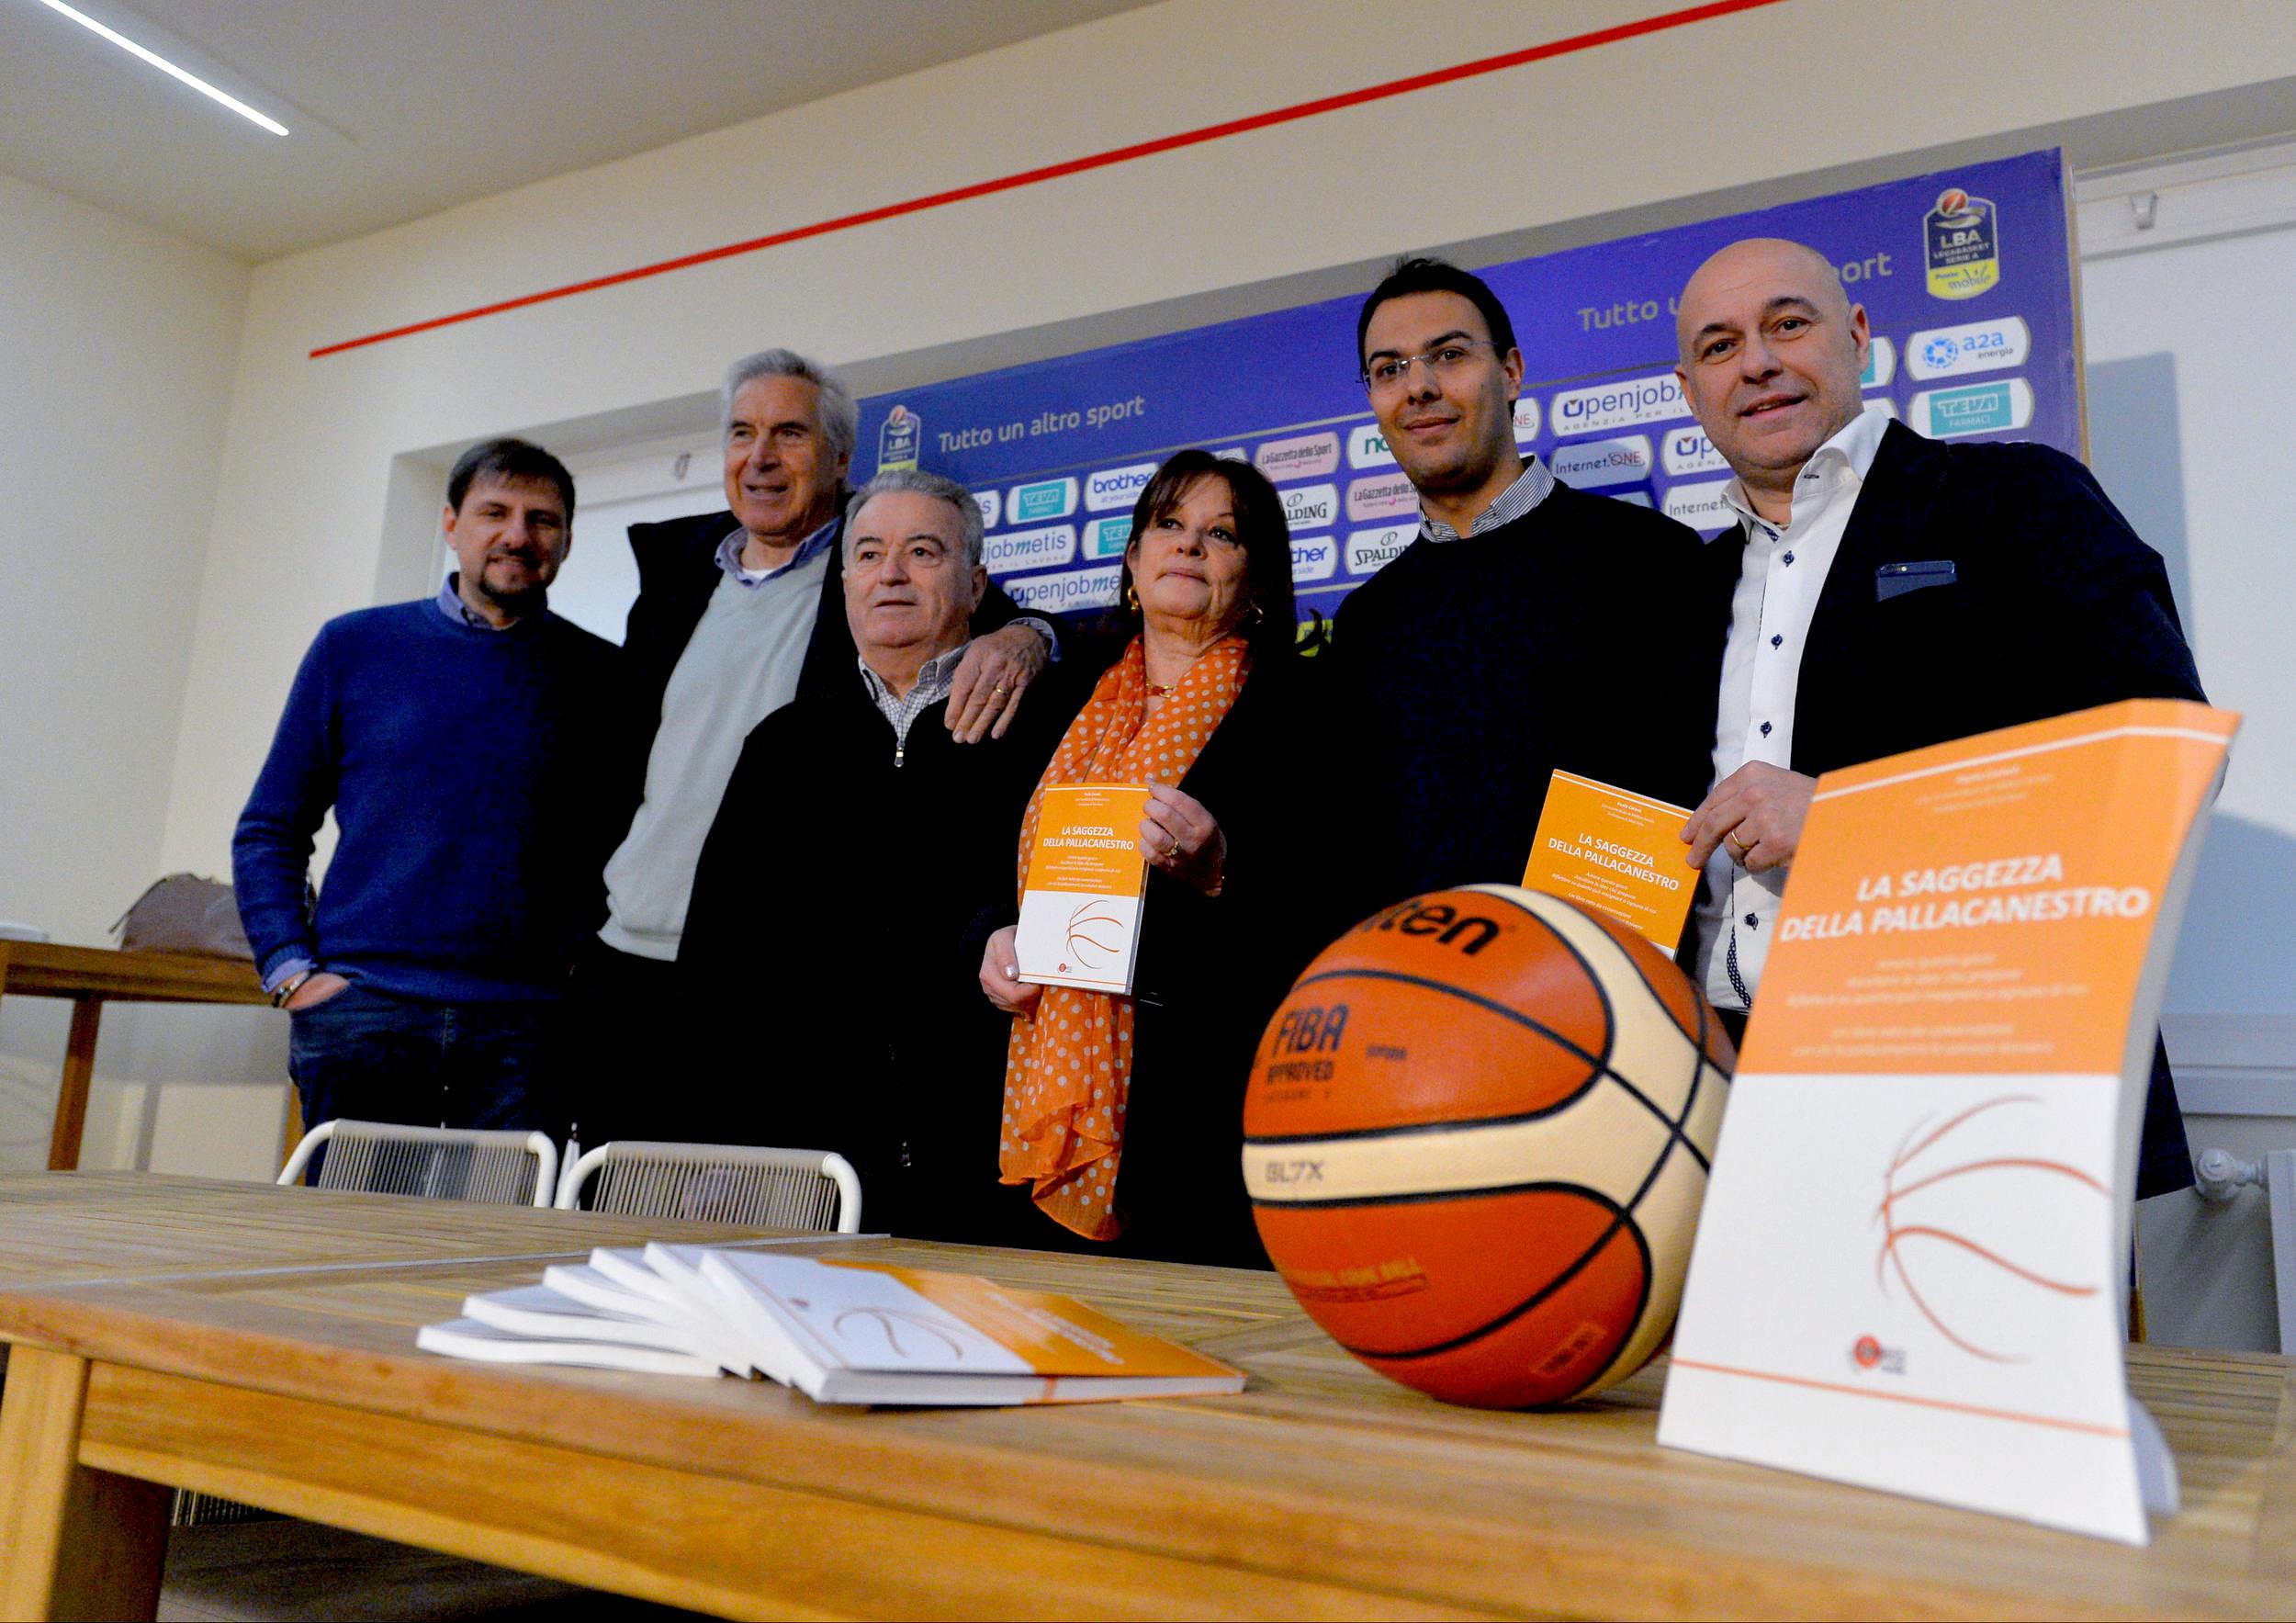 """""""La saggezza della pallacanestro"""": basket e riflessioni per la vita"""